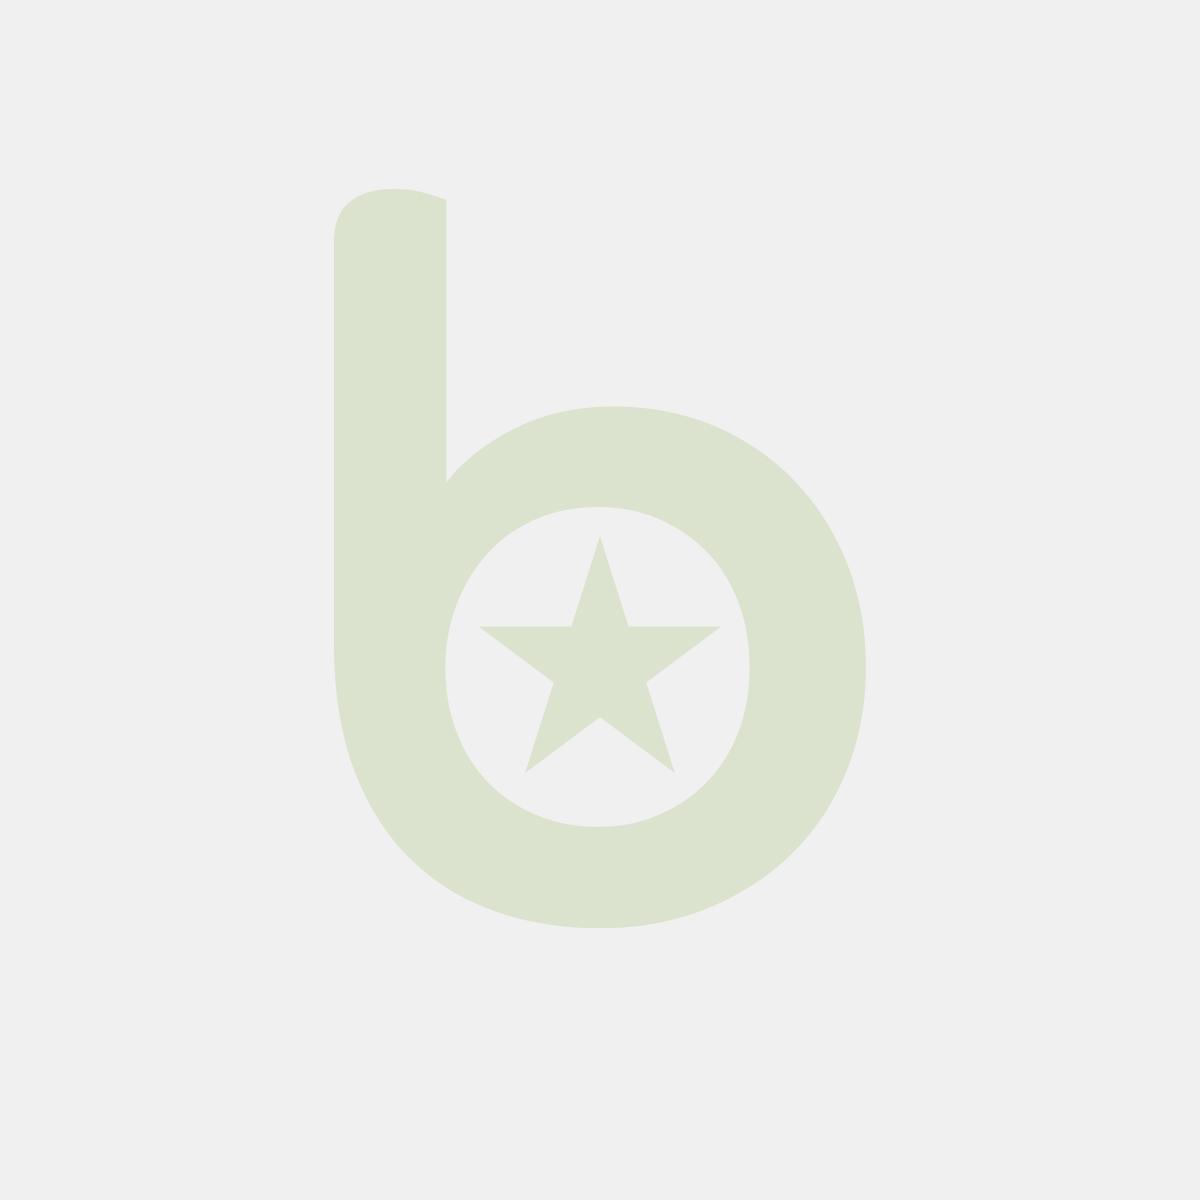 Zszywacz KANGARO Trendy-45M/Z3 + zszywki i rozszywacz, zszywa do 15 kartek, blister, czarny